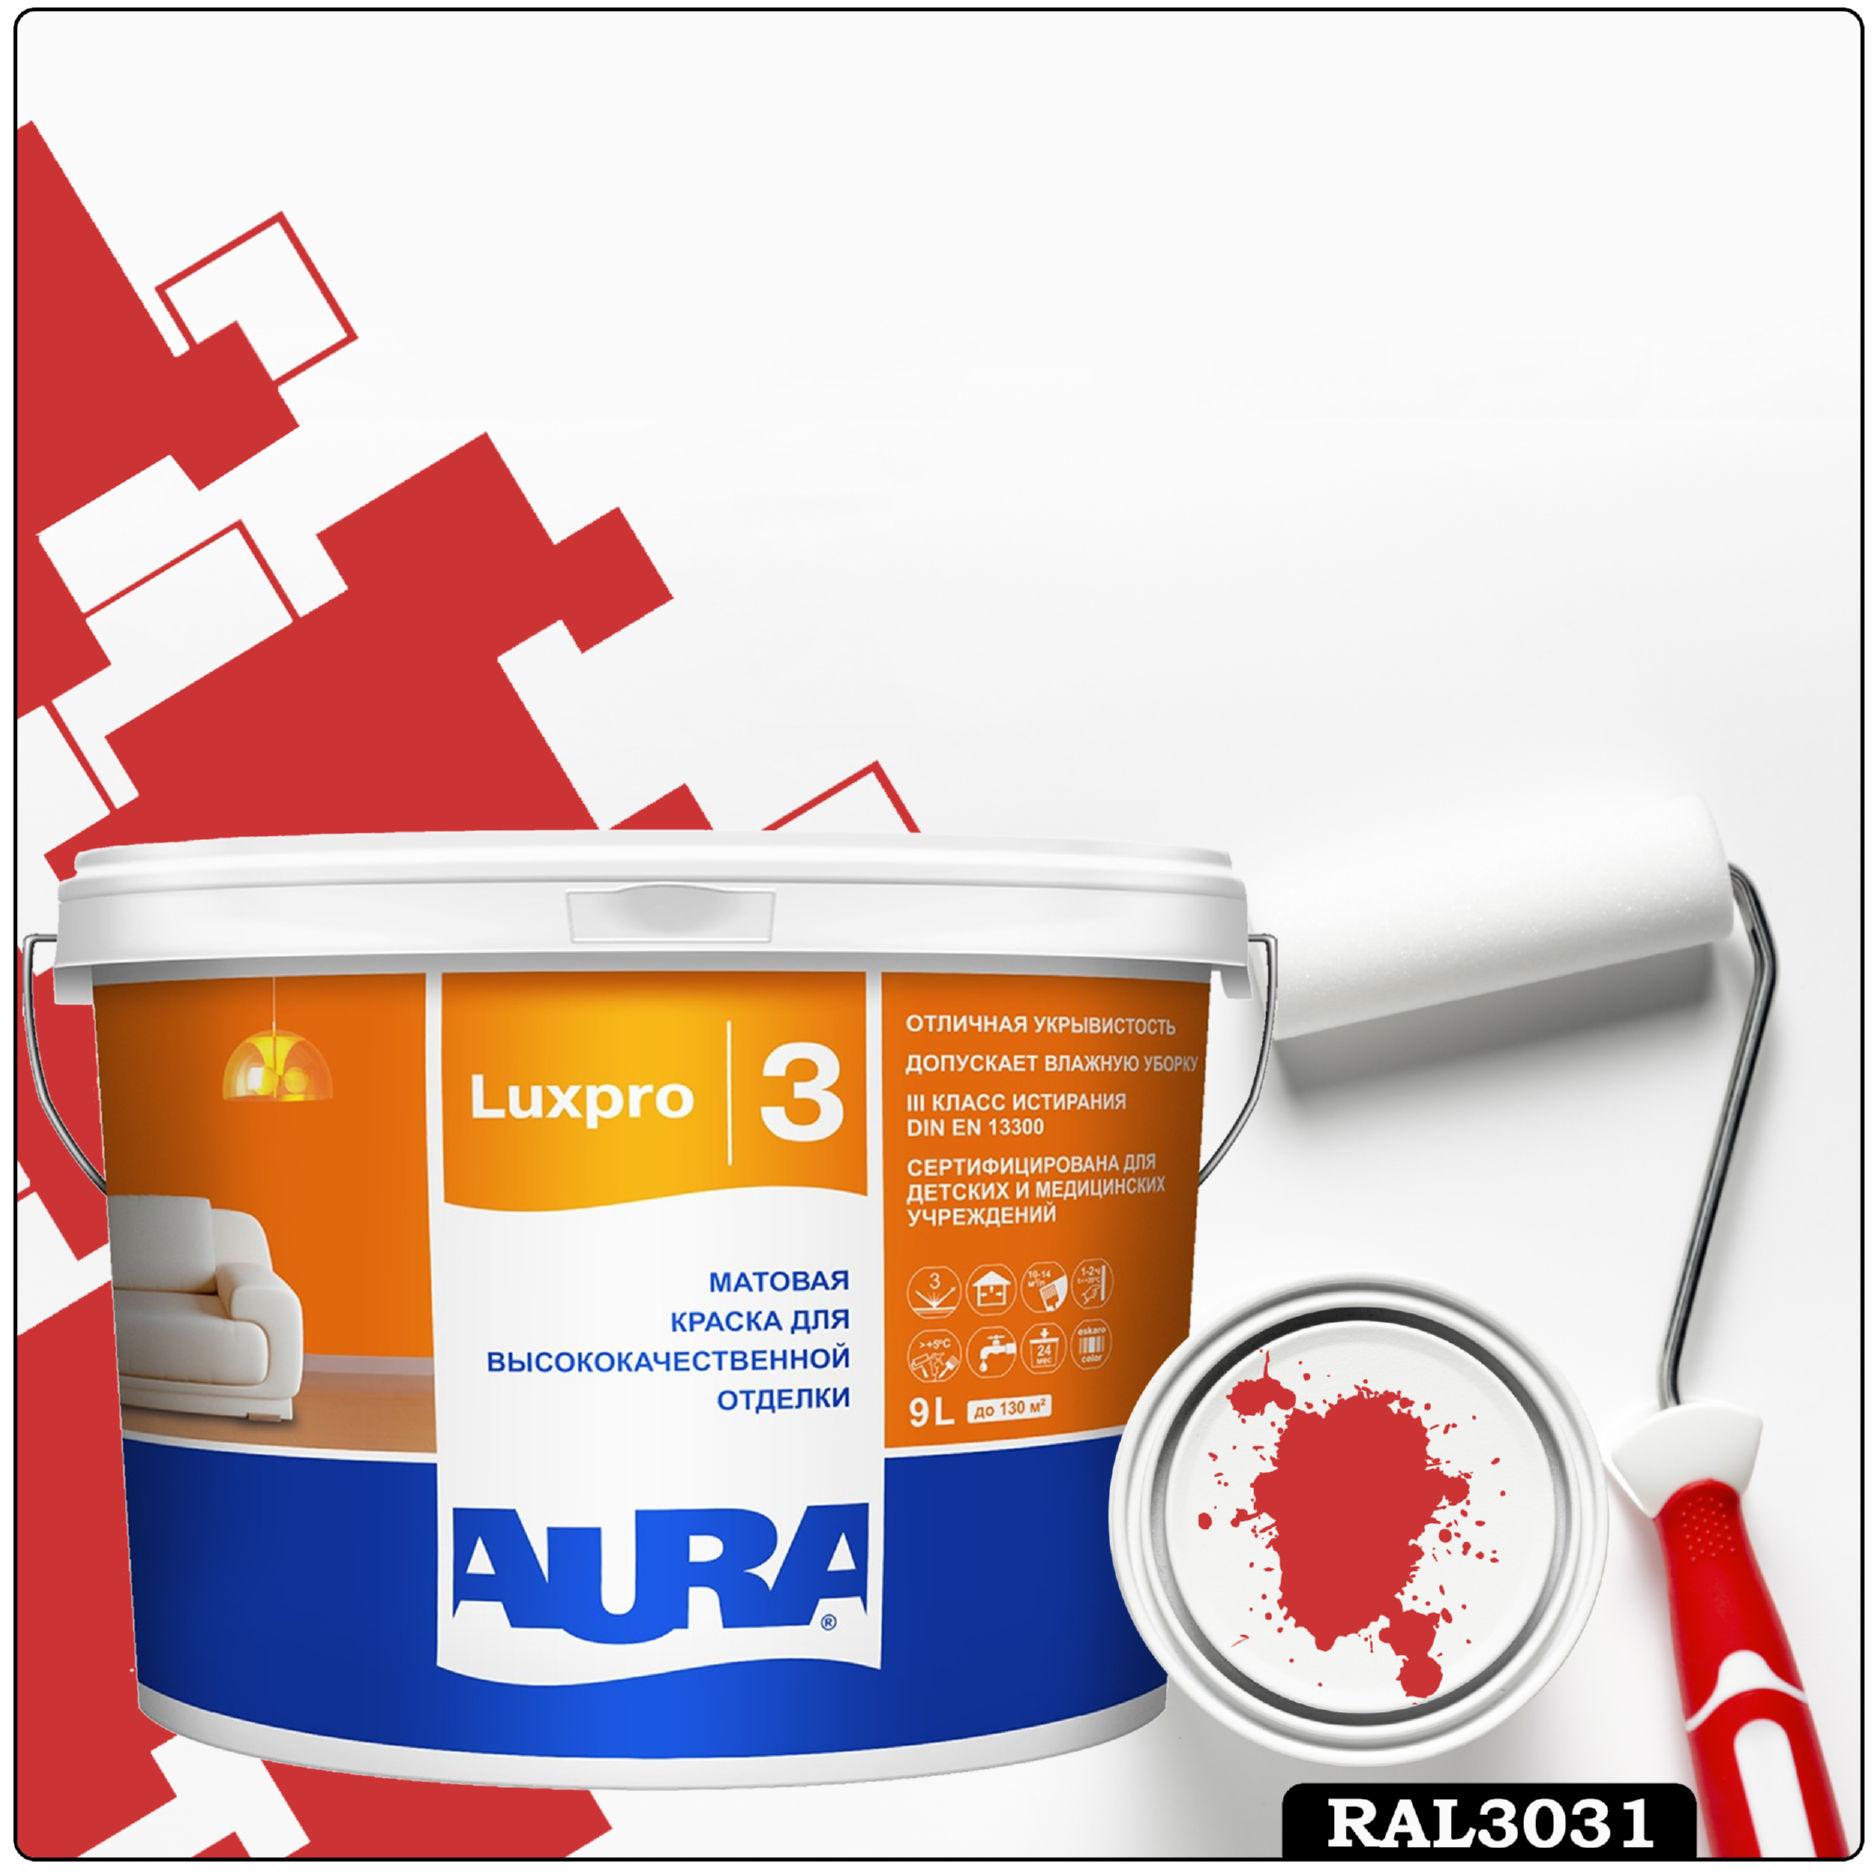 Фото 21 - Краска Aura LuxPRO 3, RAL 3031 Красный ориент, латексная, шелково-матовая, интерьерная, 9л, Аура.